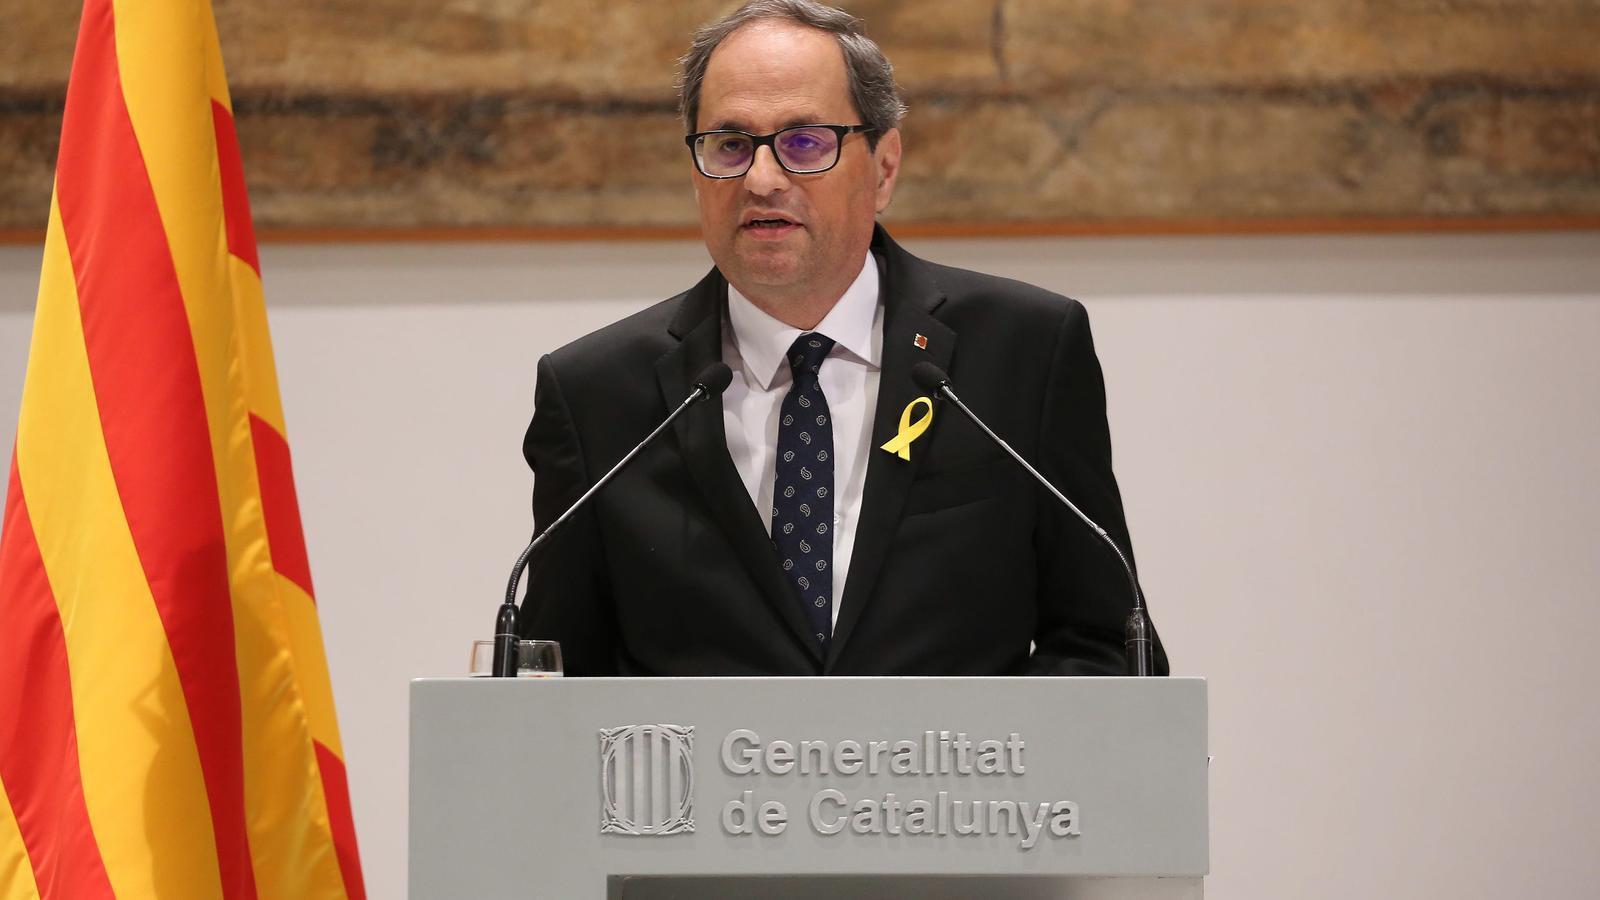 El president de la Generalitat, Quim Torra, durant la declaració institucional